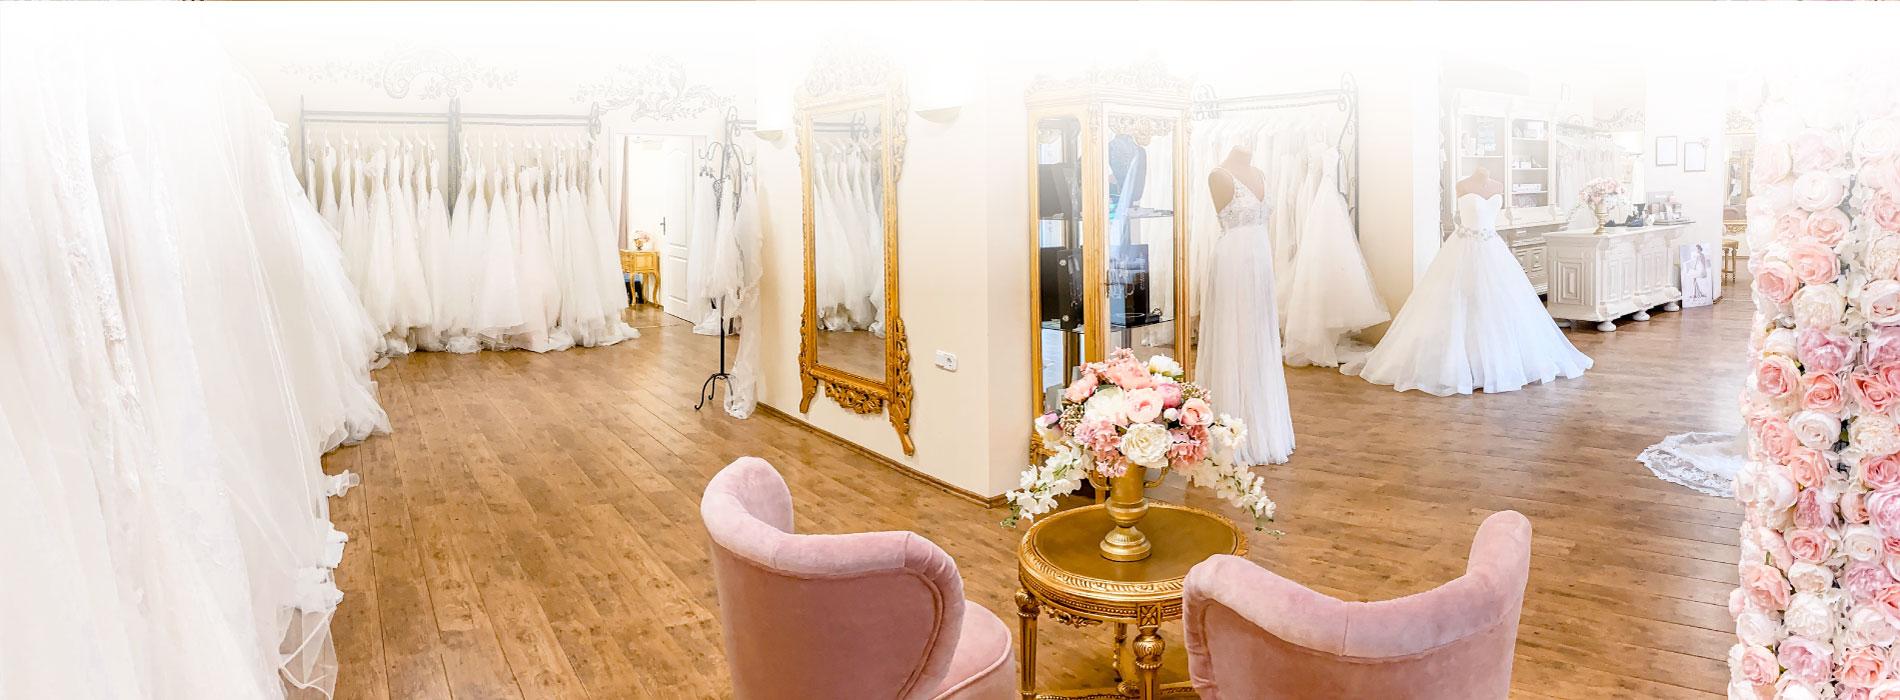 Brautmode-Dortmund---Brautstudio-Timm-Hochzeitskleider-NRW-Call-to-action-Startbild-overlay-Brautmode-Kamen